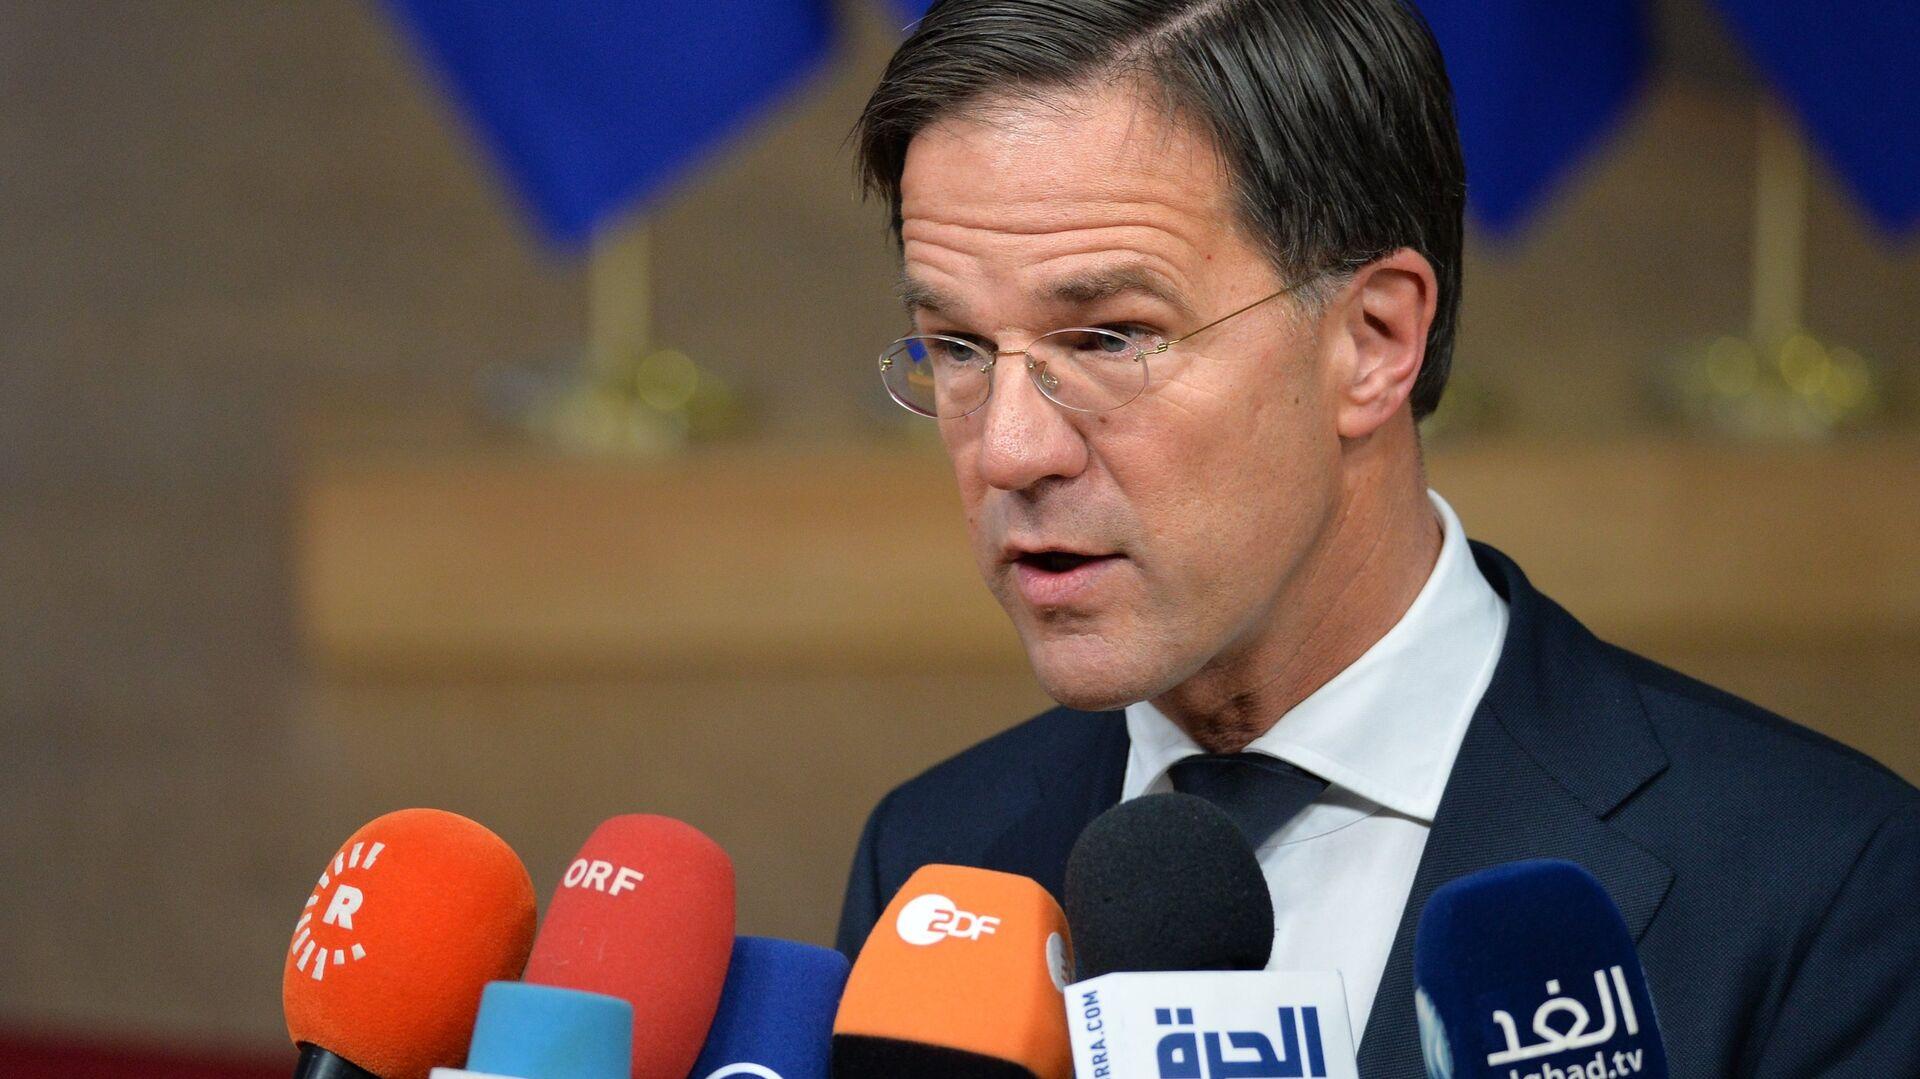 Премьер-министр Нидерландов Марк Рютте на внеочередном саммите ЕС по брекзиту в Брюсселе. 25 ноября 2018 - РИА Новости, 1920, 14.06.2021